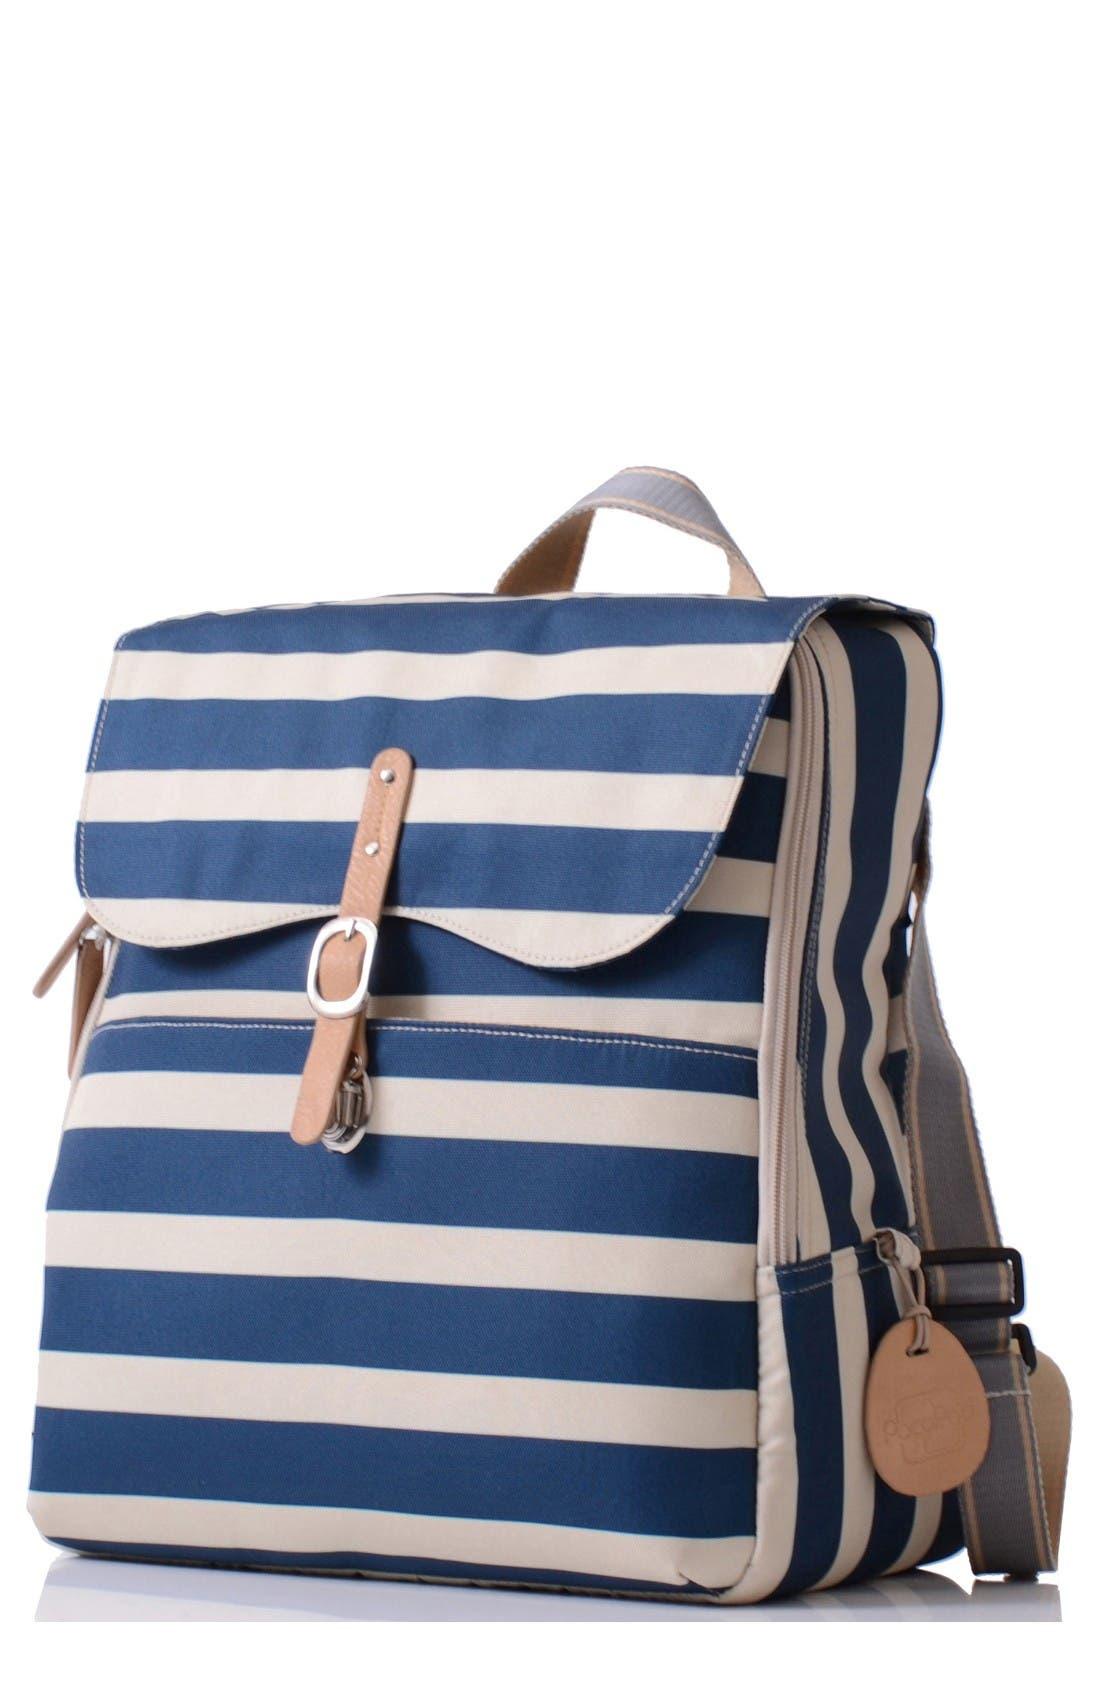 Alternate Image 1 Selected - PacaPod 'Hastings' Diaper Bag